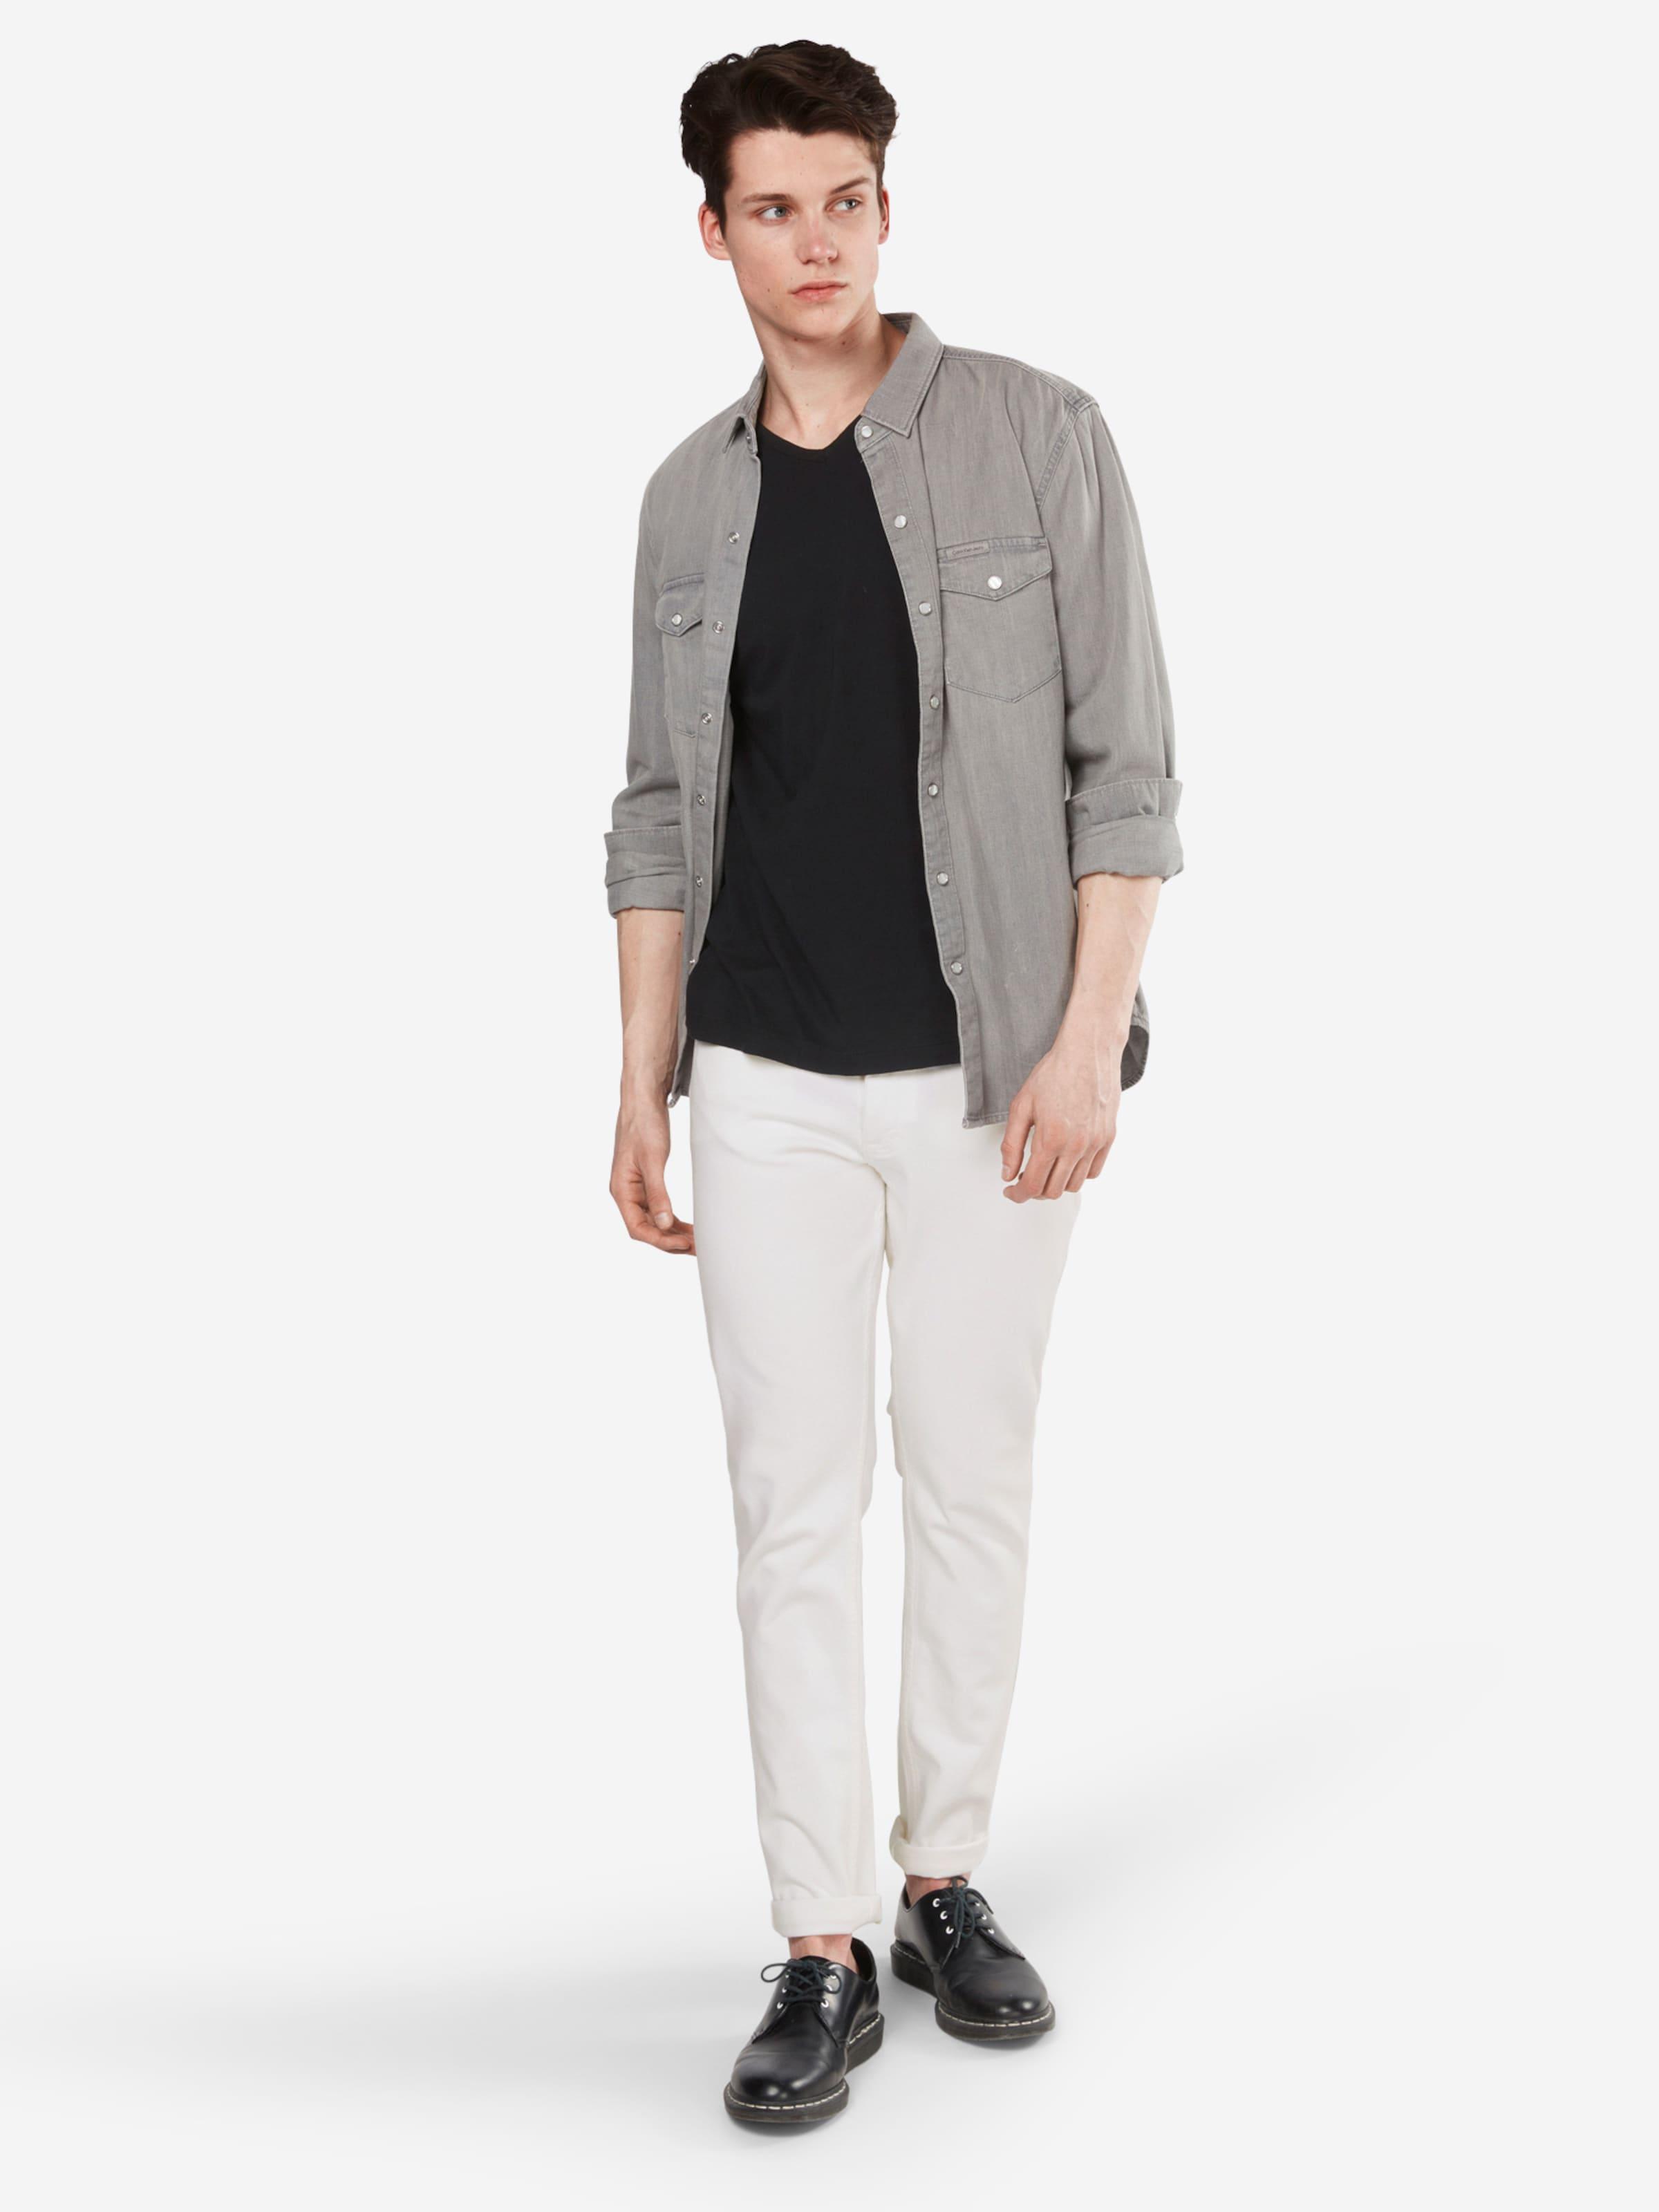 Calvin Klein Jeans Slim Straight Jeans 'CMF' Zu Verkaufen Billig Authentisch Billig Zu Verkaufen Kostengünstig Echt Günstig Online 7KQgDNV